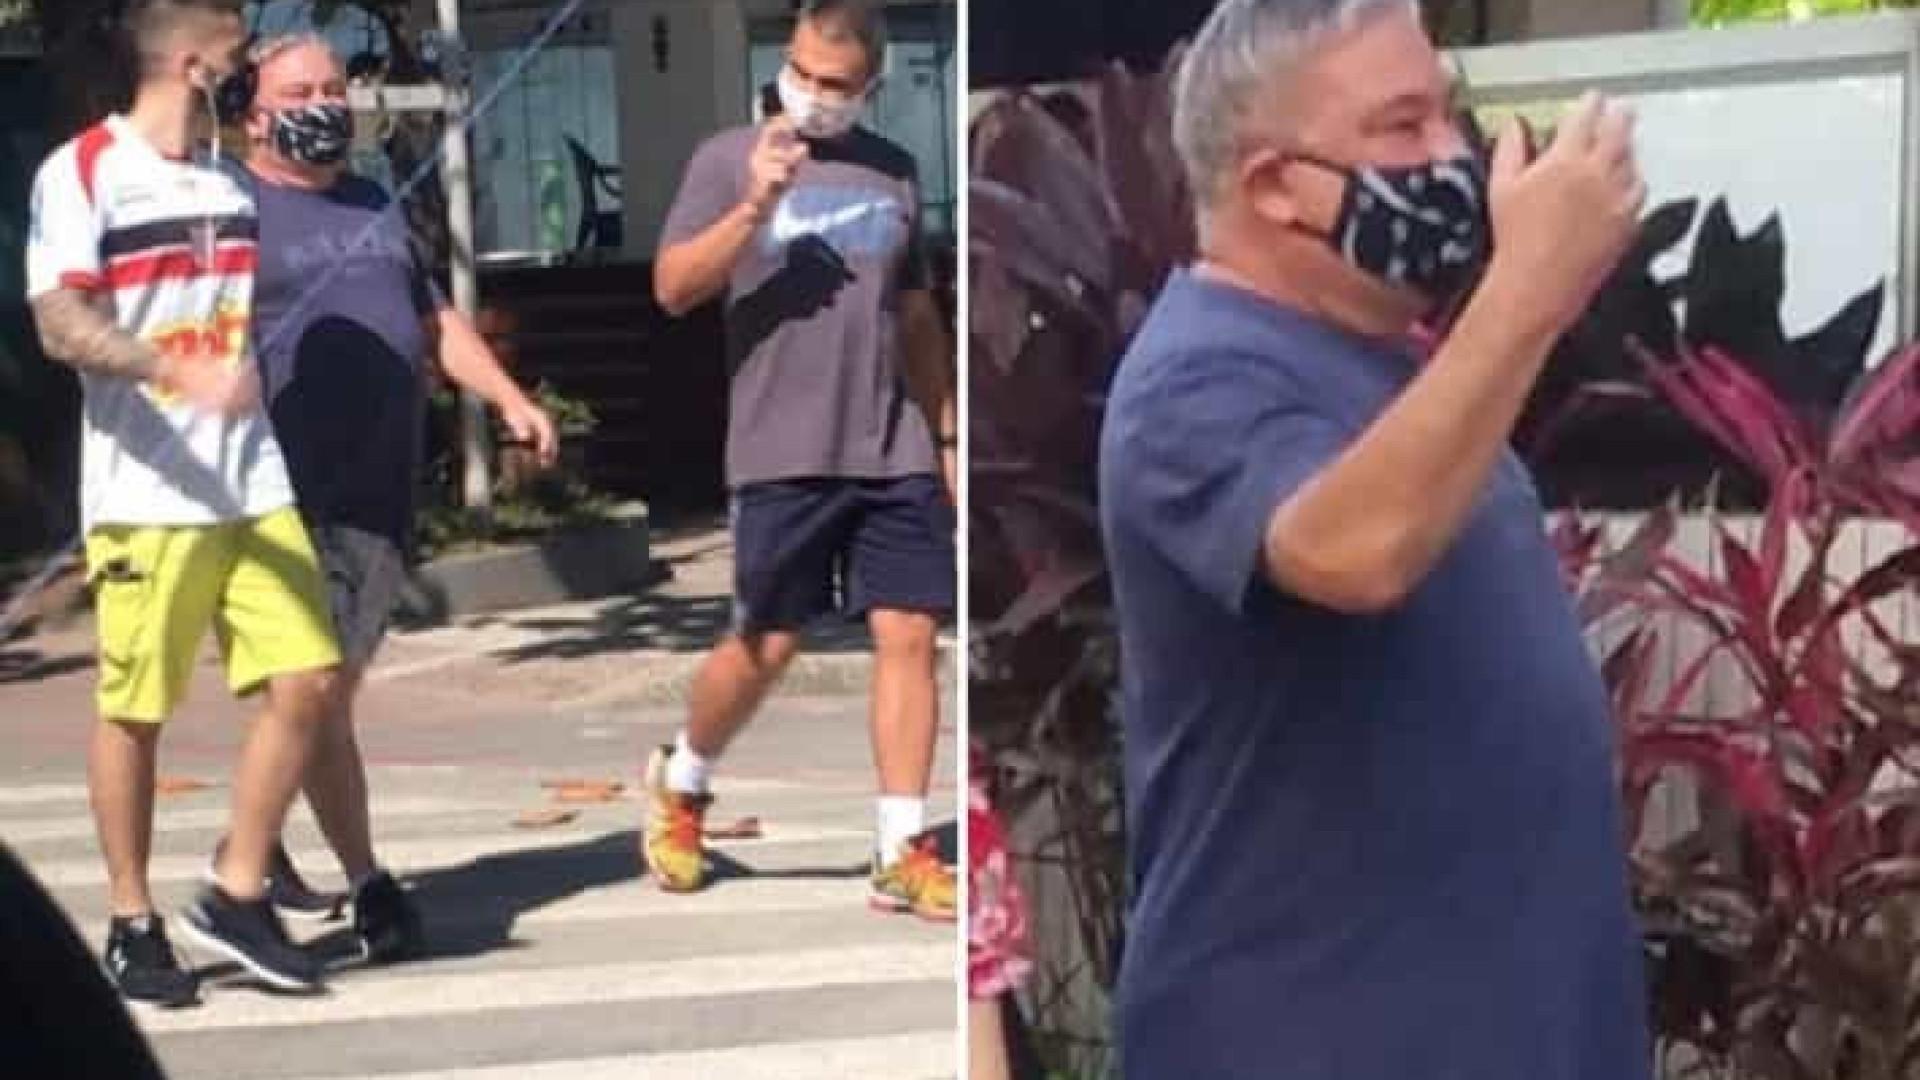 Desembargador que humilhou guardas reaparece na orla, agora de máscara